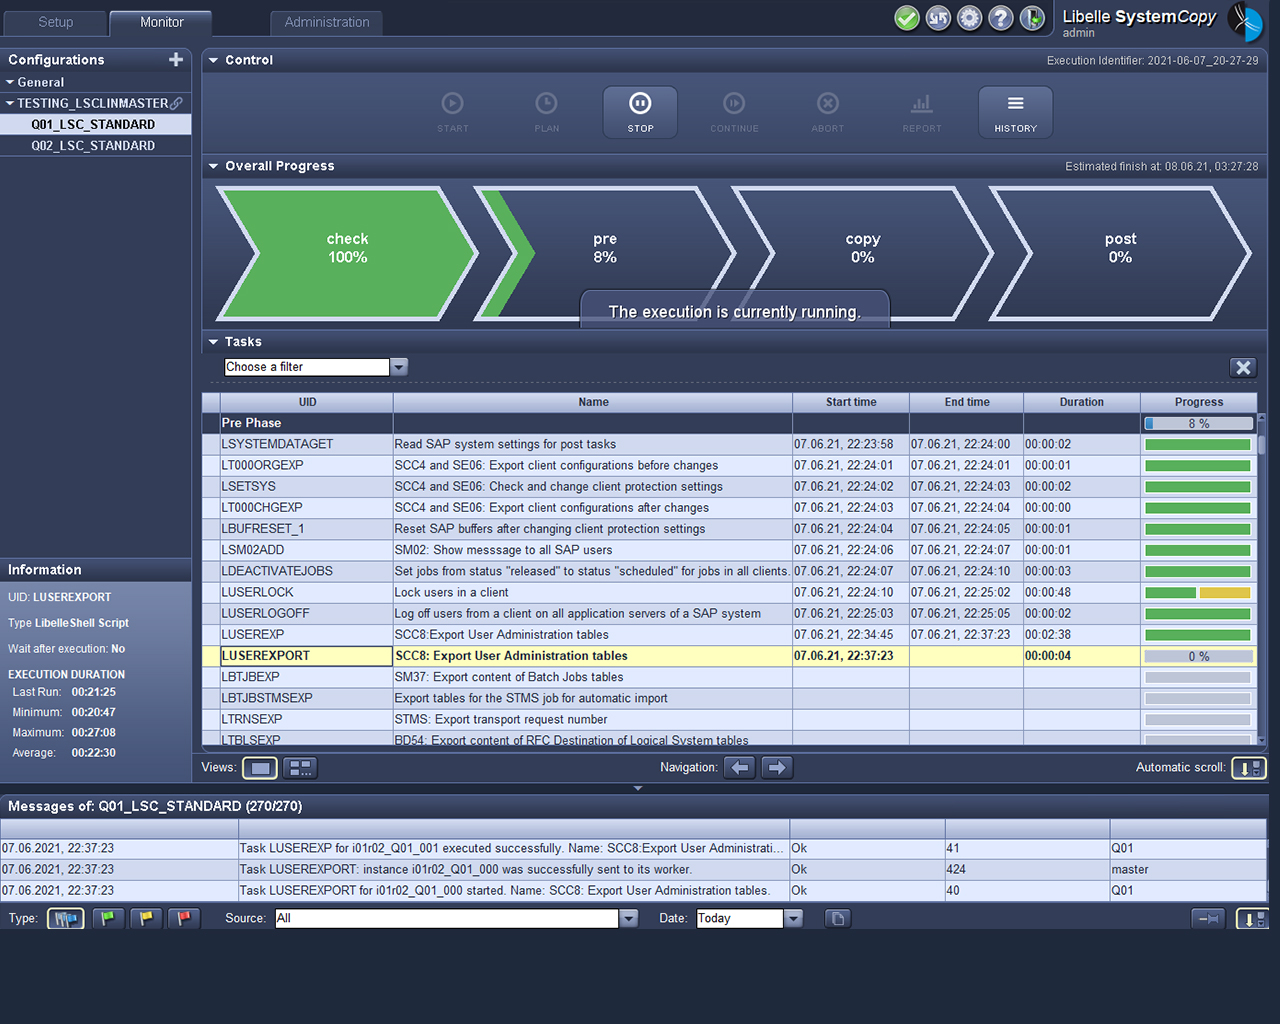 Libelle SystemCopy Frontend montre la pré-phase